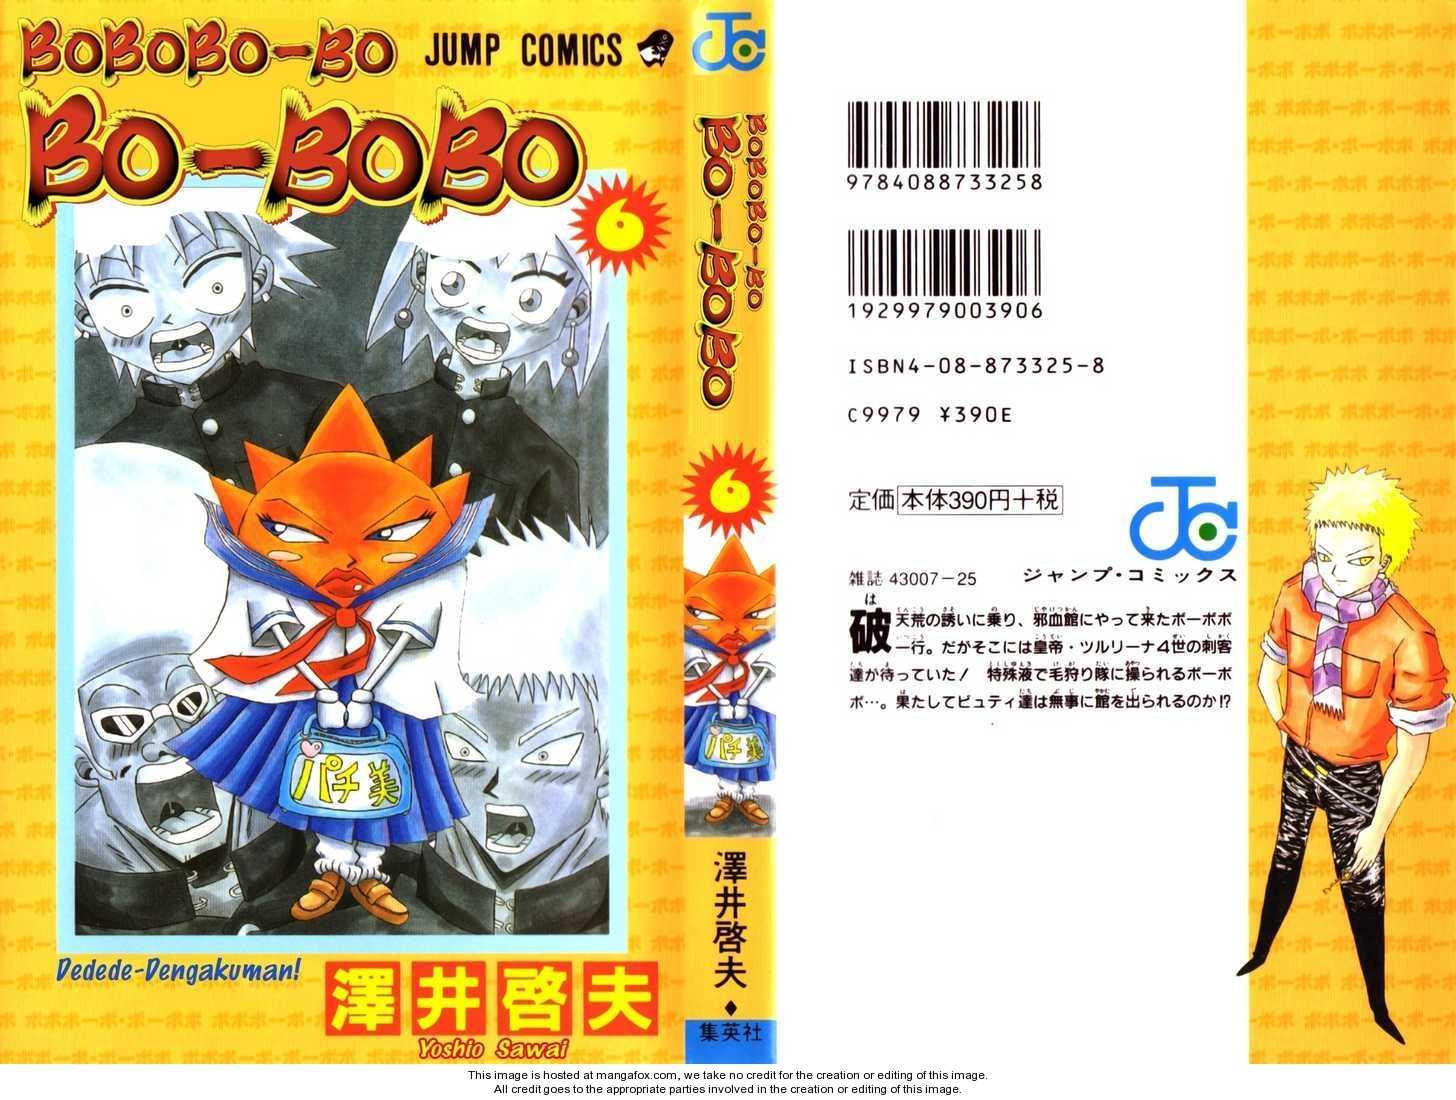 Bobobo-bo Bo-bobo 54 Page 1